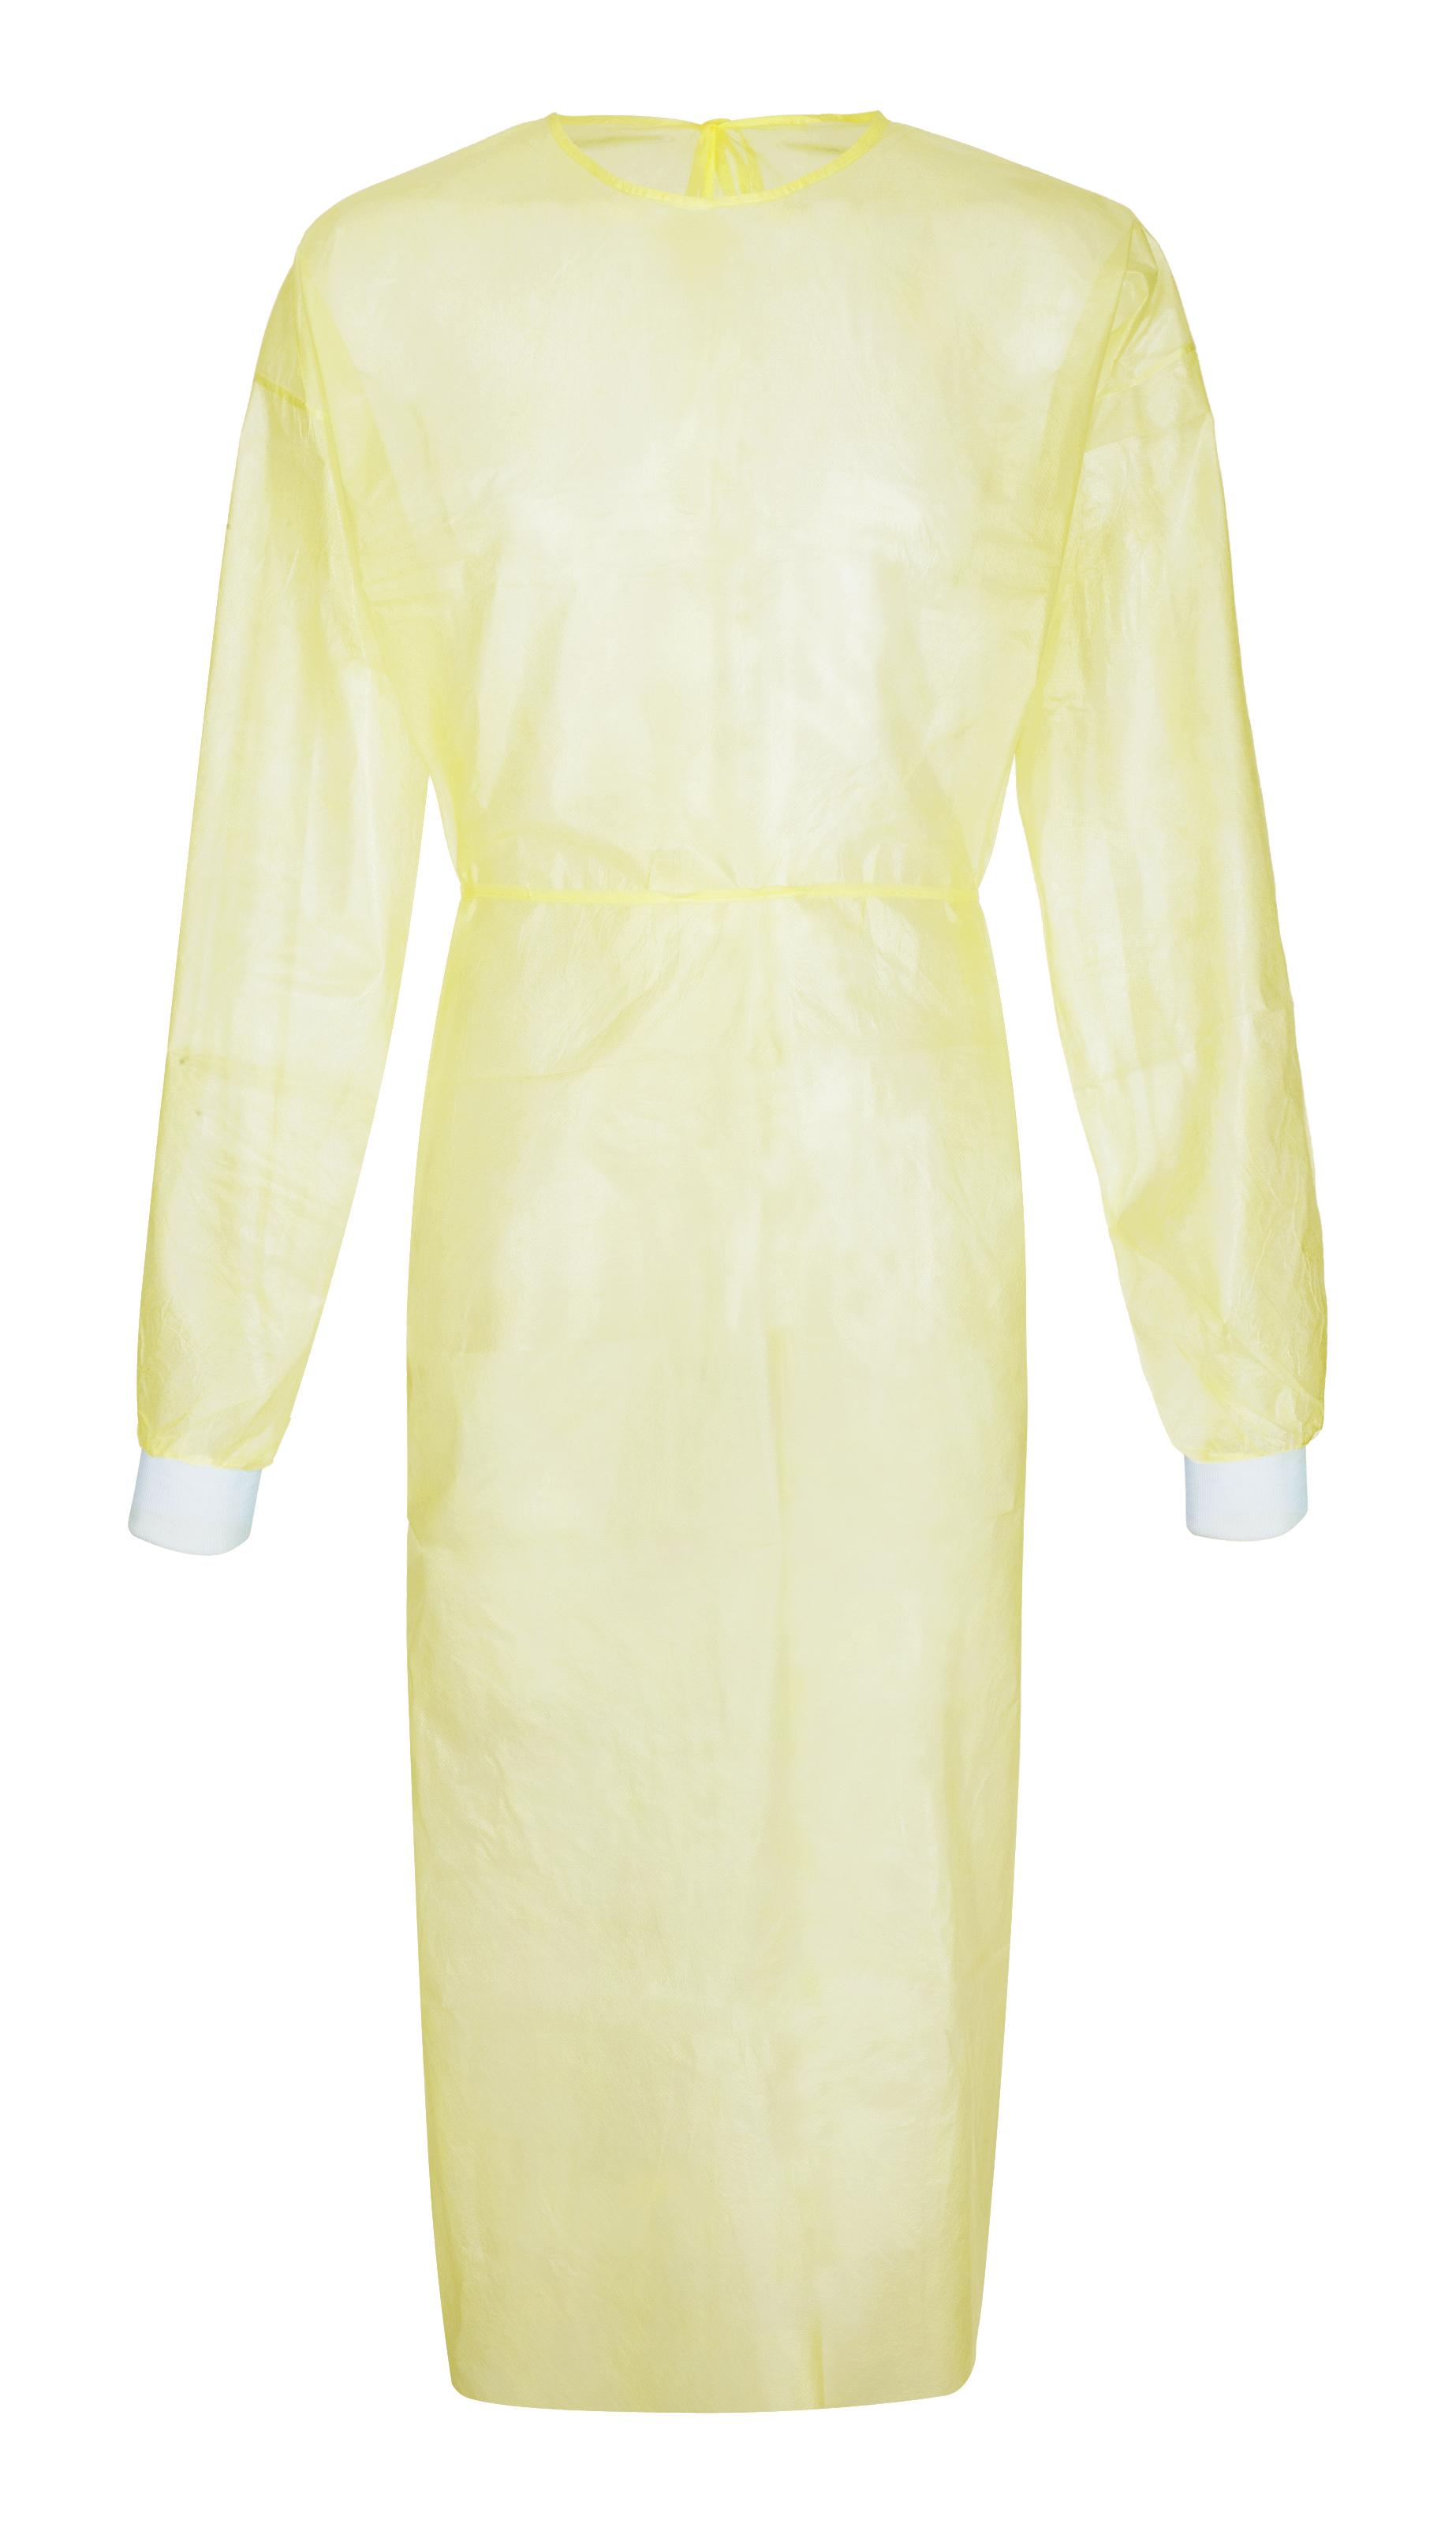 Splash-Coat pro+ Infektionsschutzkittel, Größe: XL